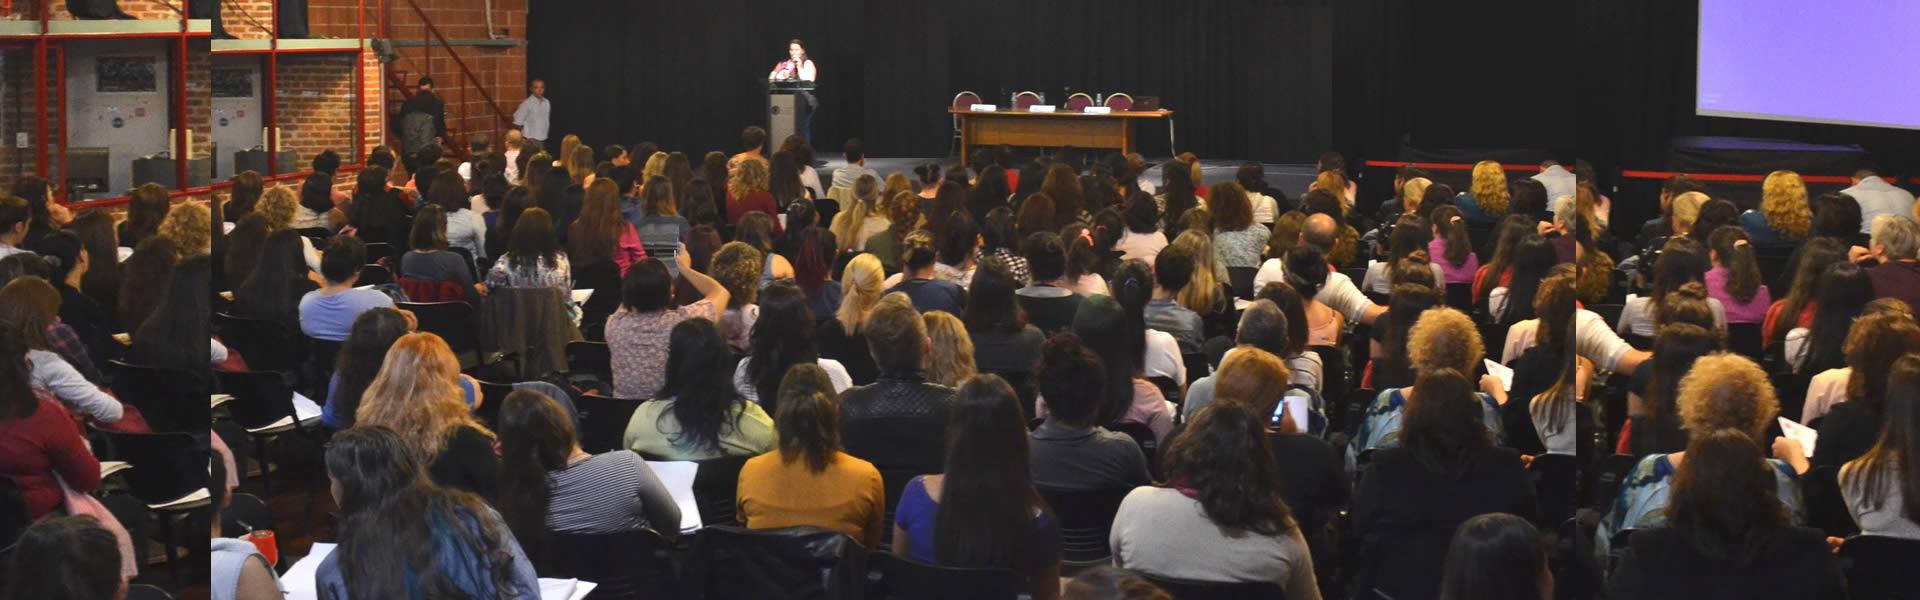 XIII Jornadas Nacionales y VIII Congreso Internacional de Enseñanza de la Biología